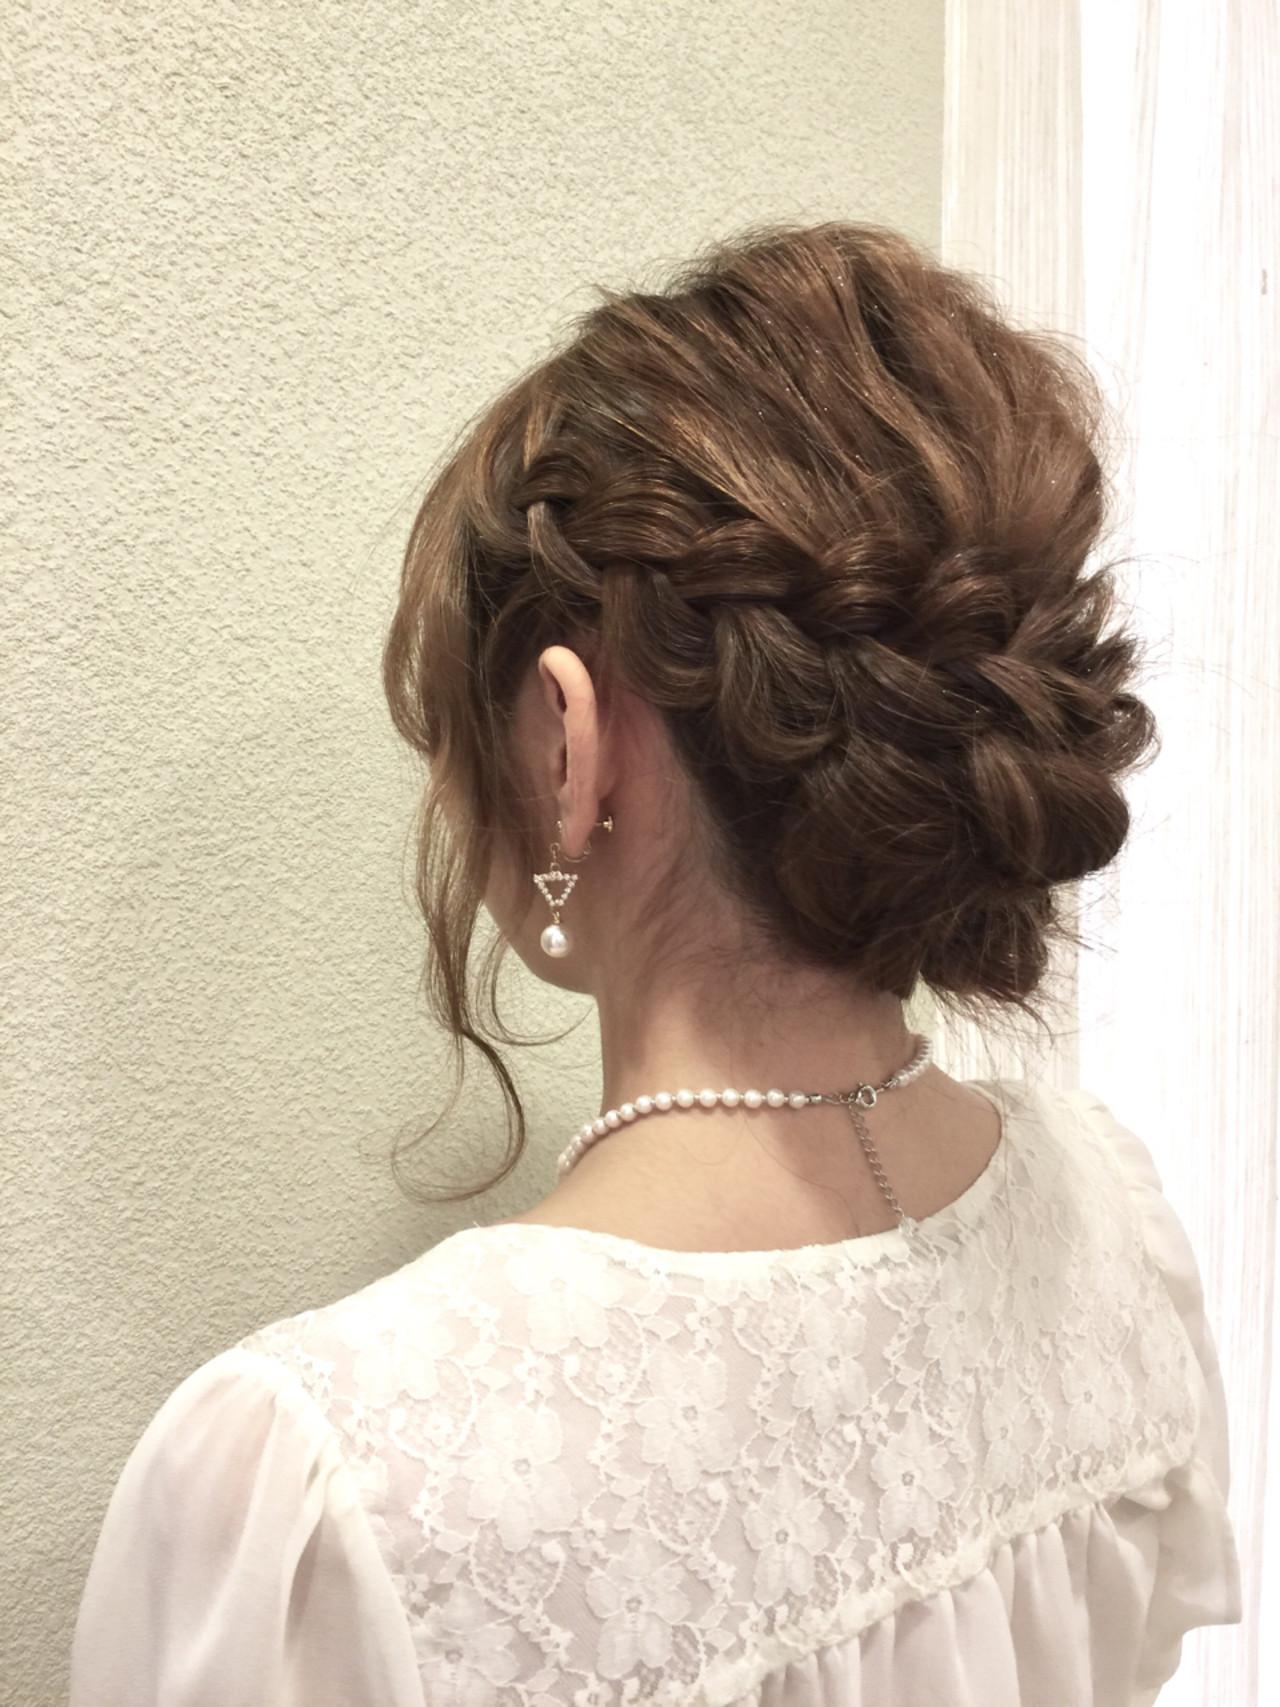 ヘアアレンジ 大人女子 セミロング 外国人風 ヘアスタイルや髪型の写真・画像 | 水上 雅裕 / JOLF salon original